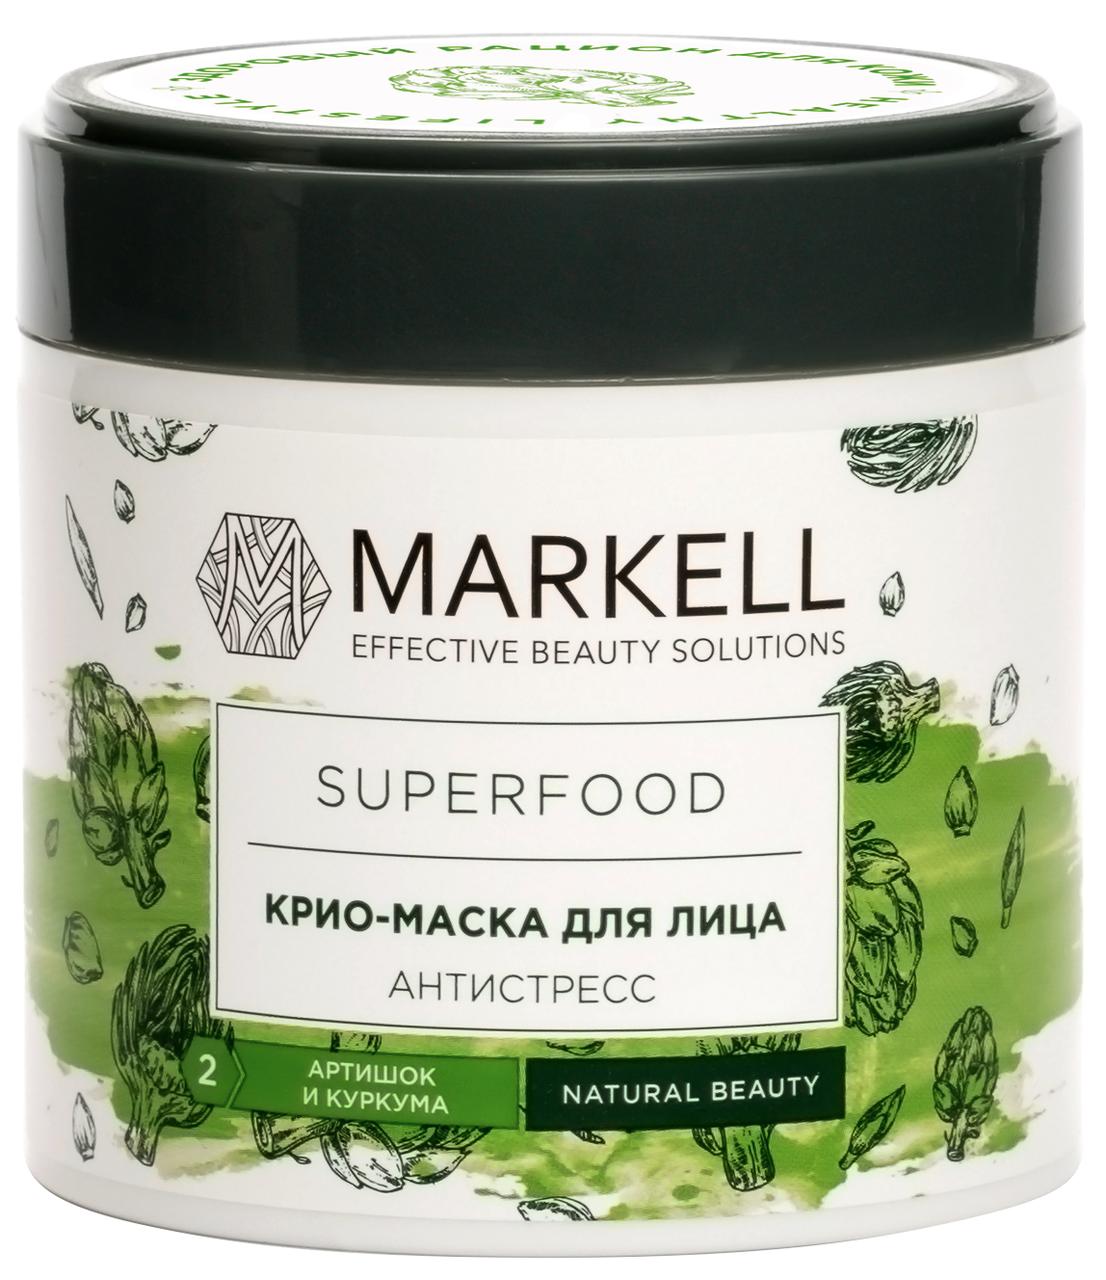 Кріо-маска для обличчя антистрес артишок і куркума Markell SuperFood 100 мл (4810304017675)